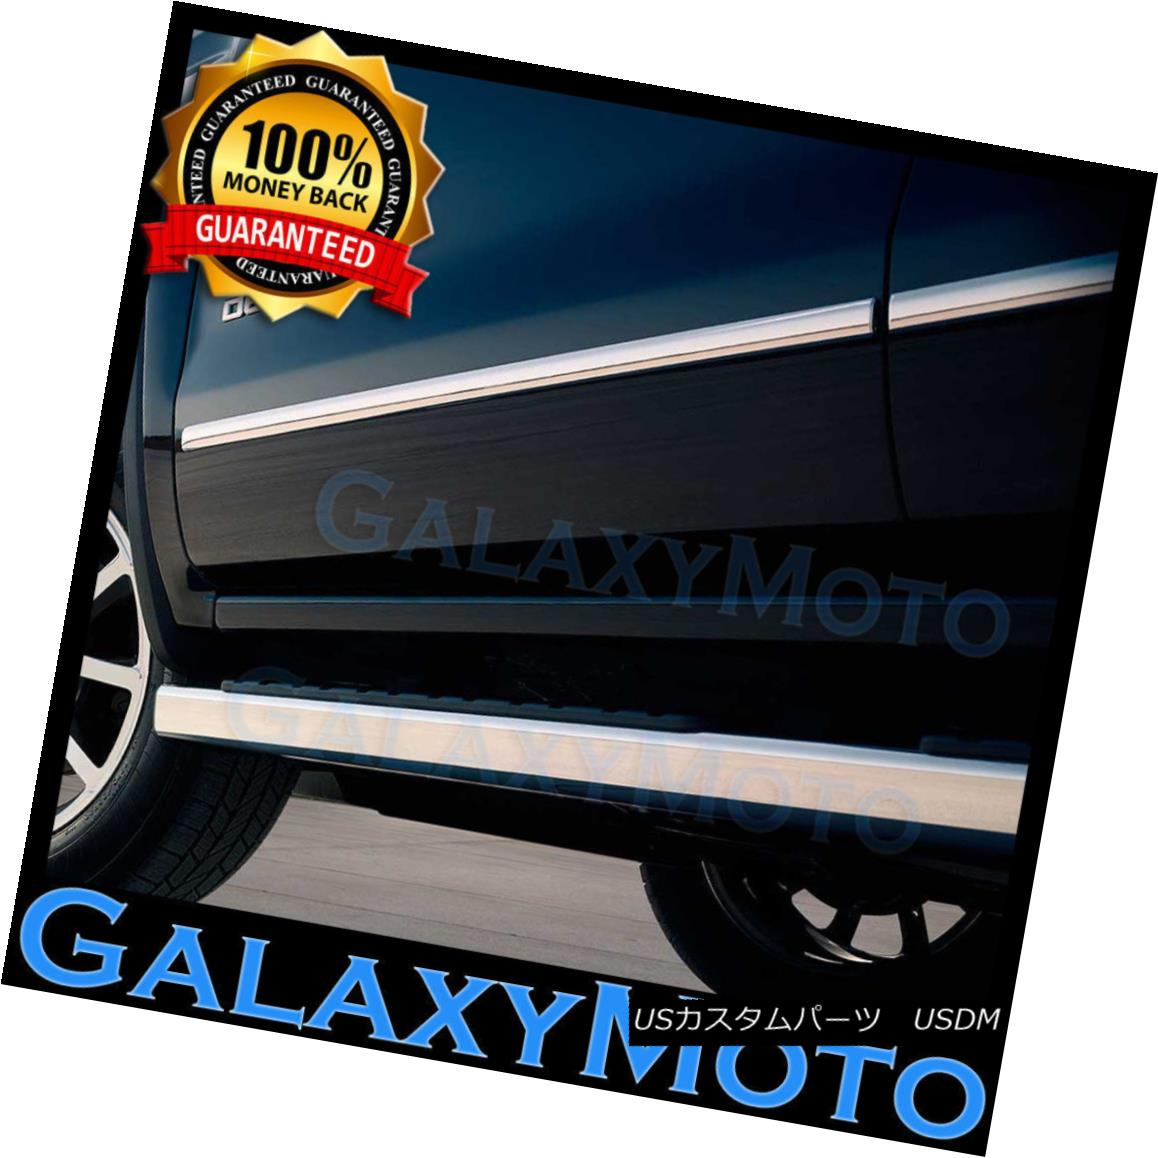 グリル 06-09 Dodge RAM 2500+3500 4 Door Front+Rear Chrome Trim Body Side Molding 4pcs 06-09ダッジRAM 2500 + 3500 4ドアフロント+リアクロムトリムボディサイドモールディング4個